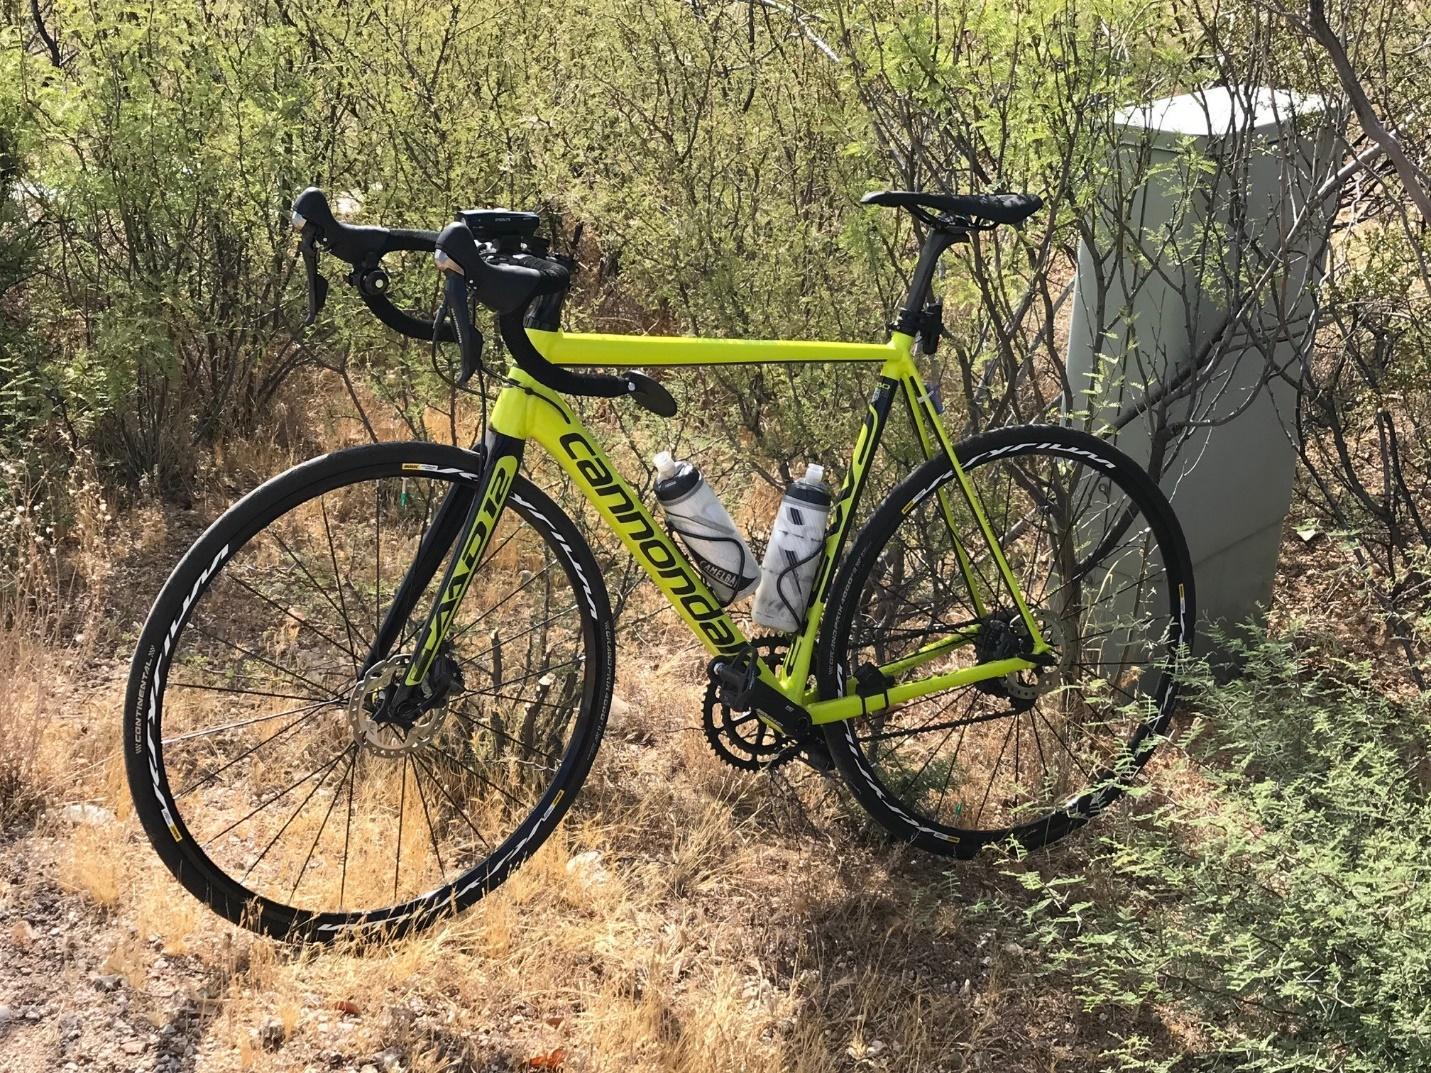 Hi Viz Yellow and Black Cannondale Road Bike leaning against desert shrubs